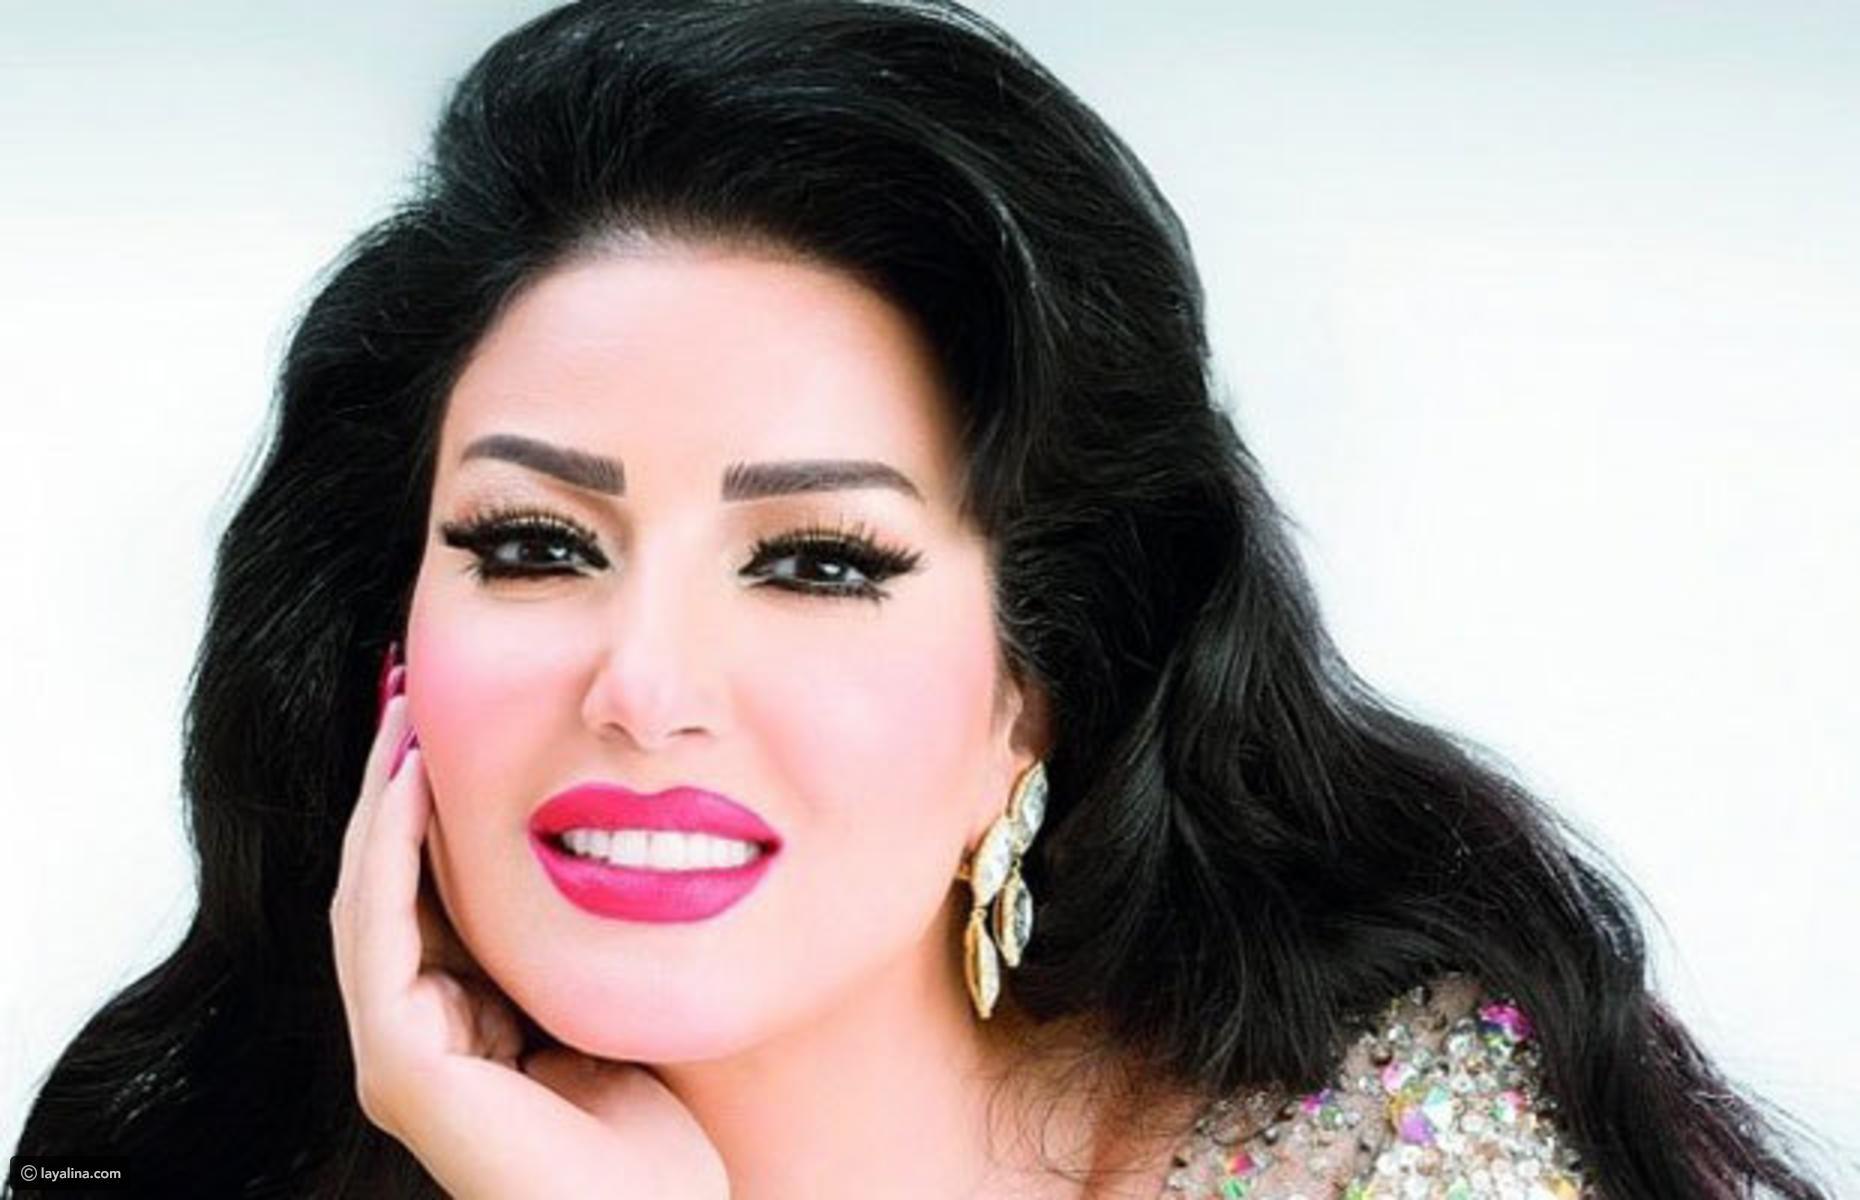 صورة اجمل نساء عربيات , النساء يتجمع فيهم جمال الكون وخصوصا النساء العربيات كما سوف تشاهد 1140 6